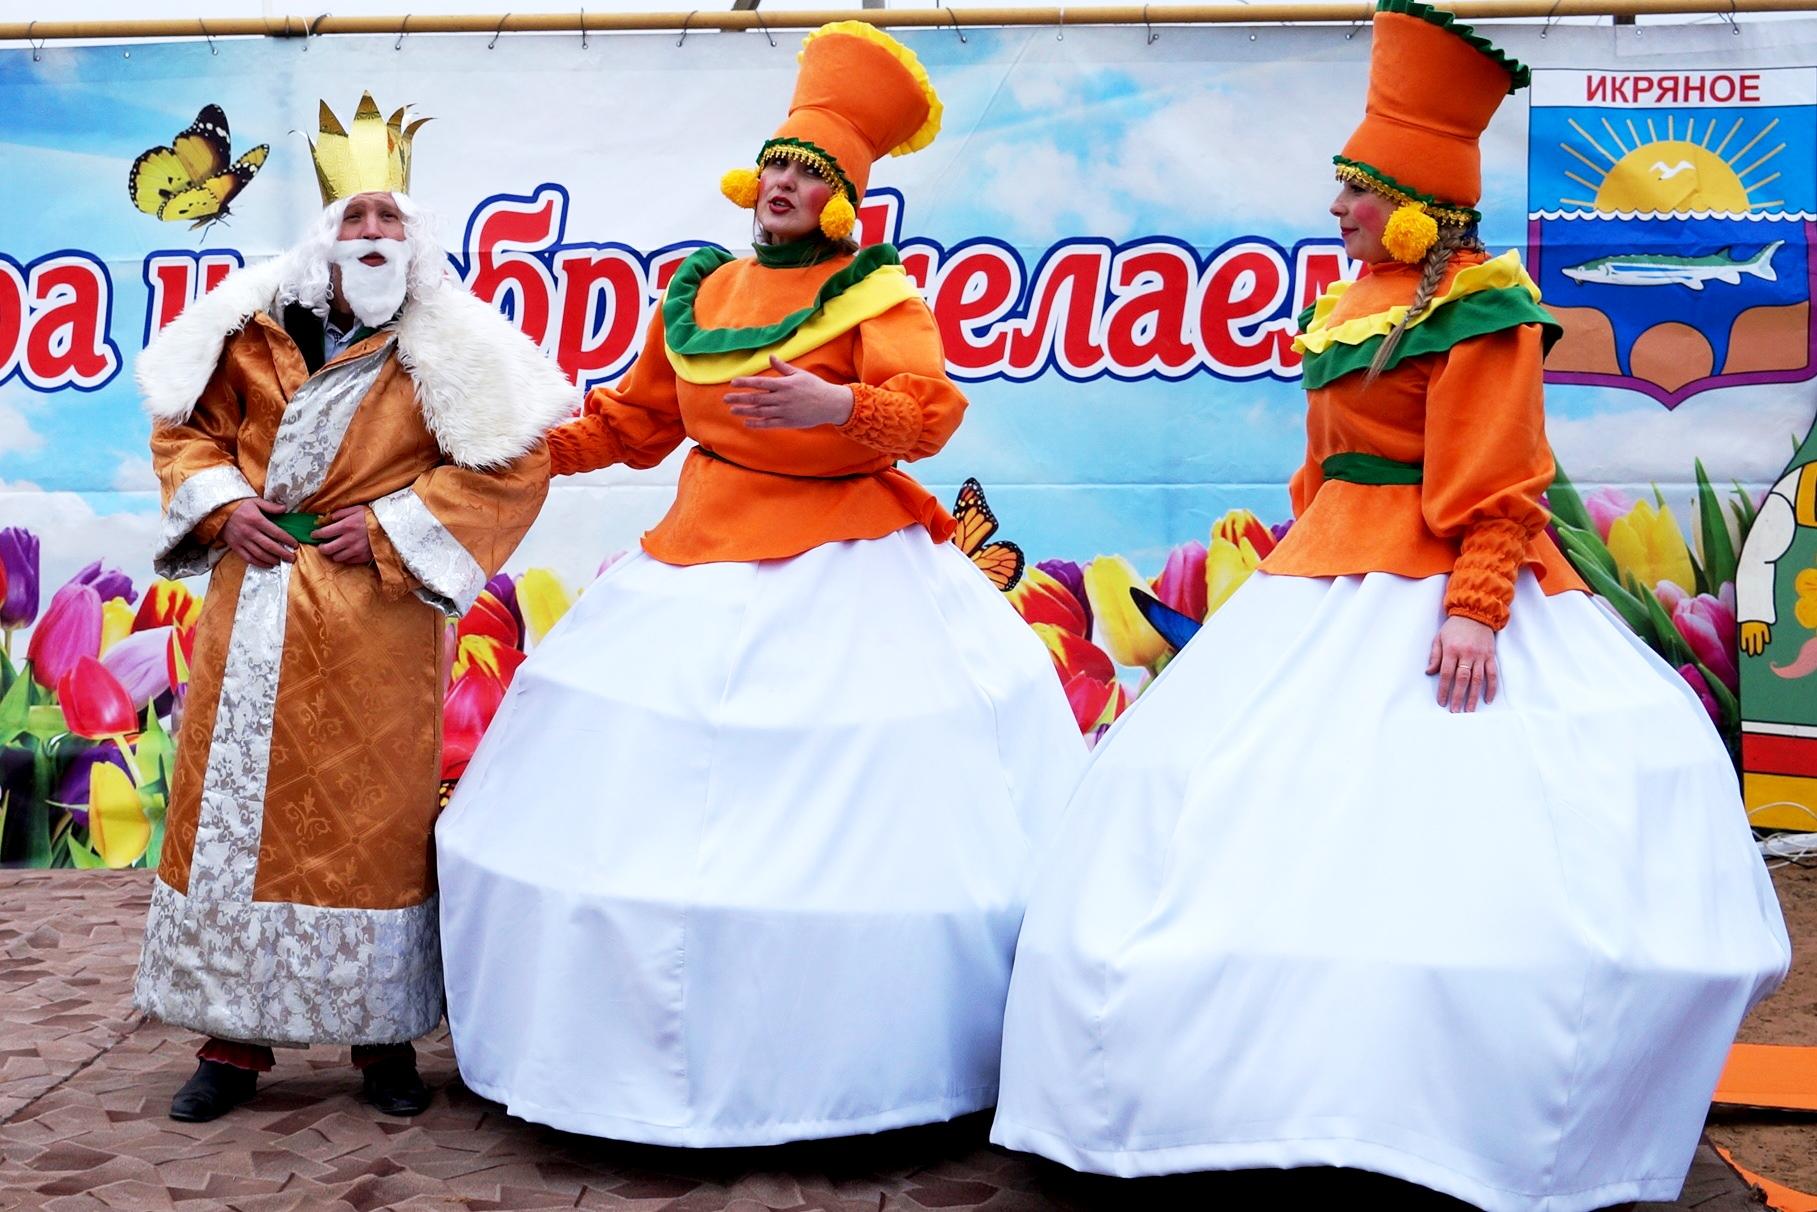 Народными гуляниями отметили Масленицу в п. Карабулак МО «Икрянинский сельсовет»